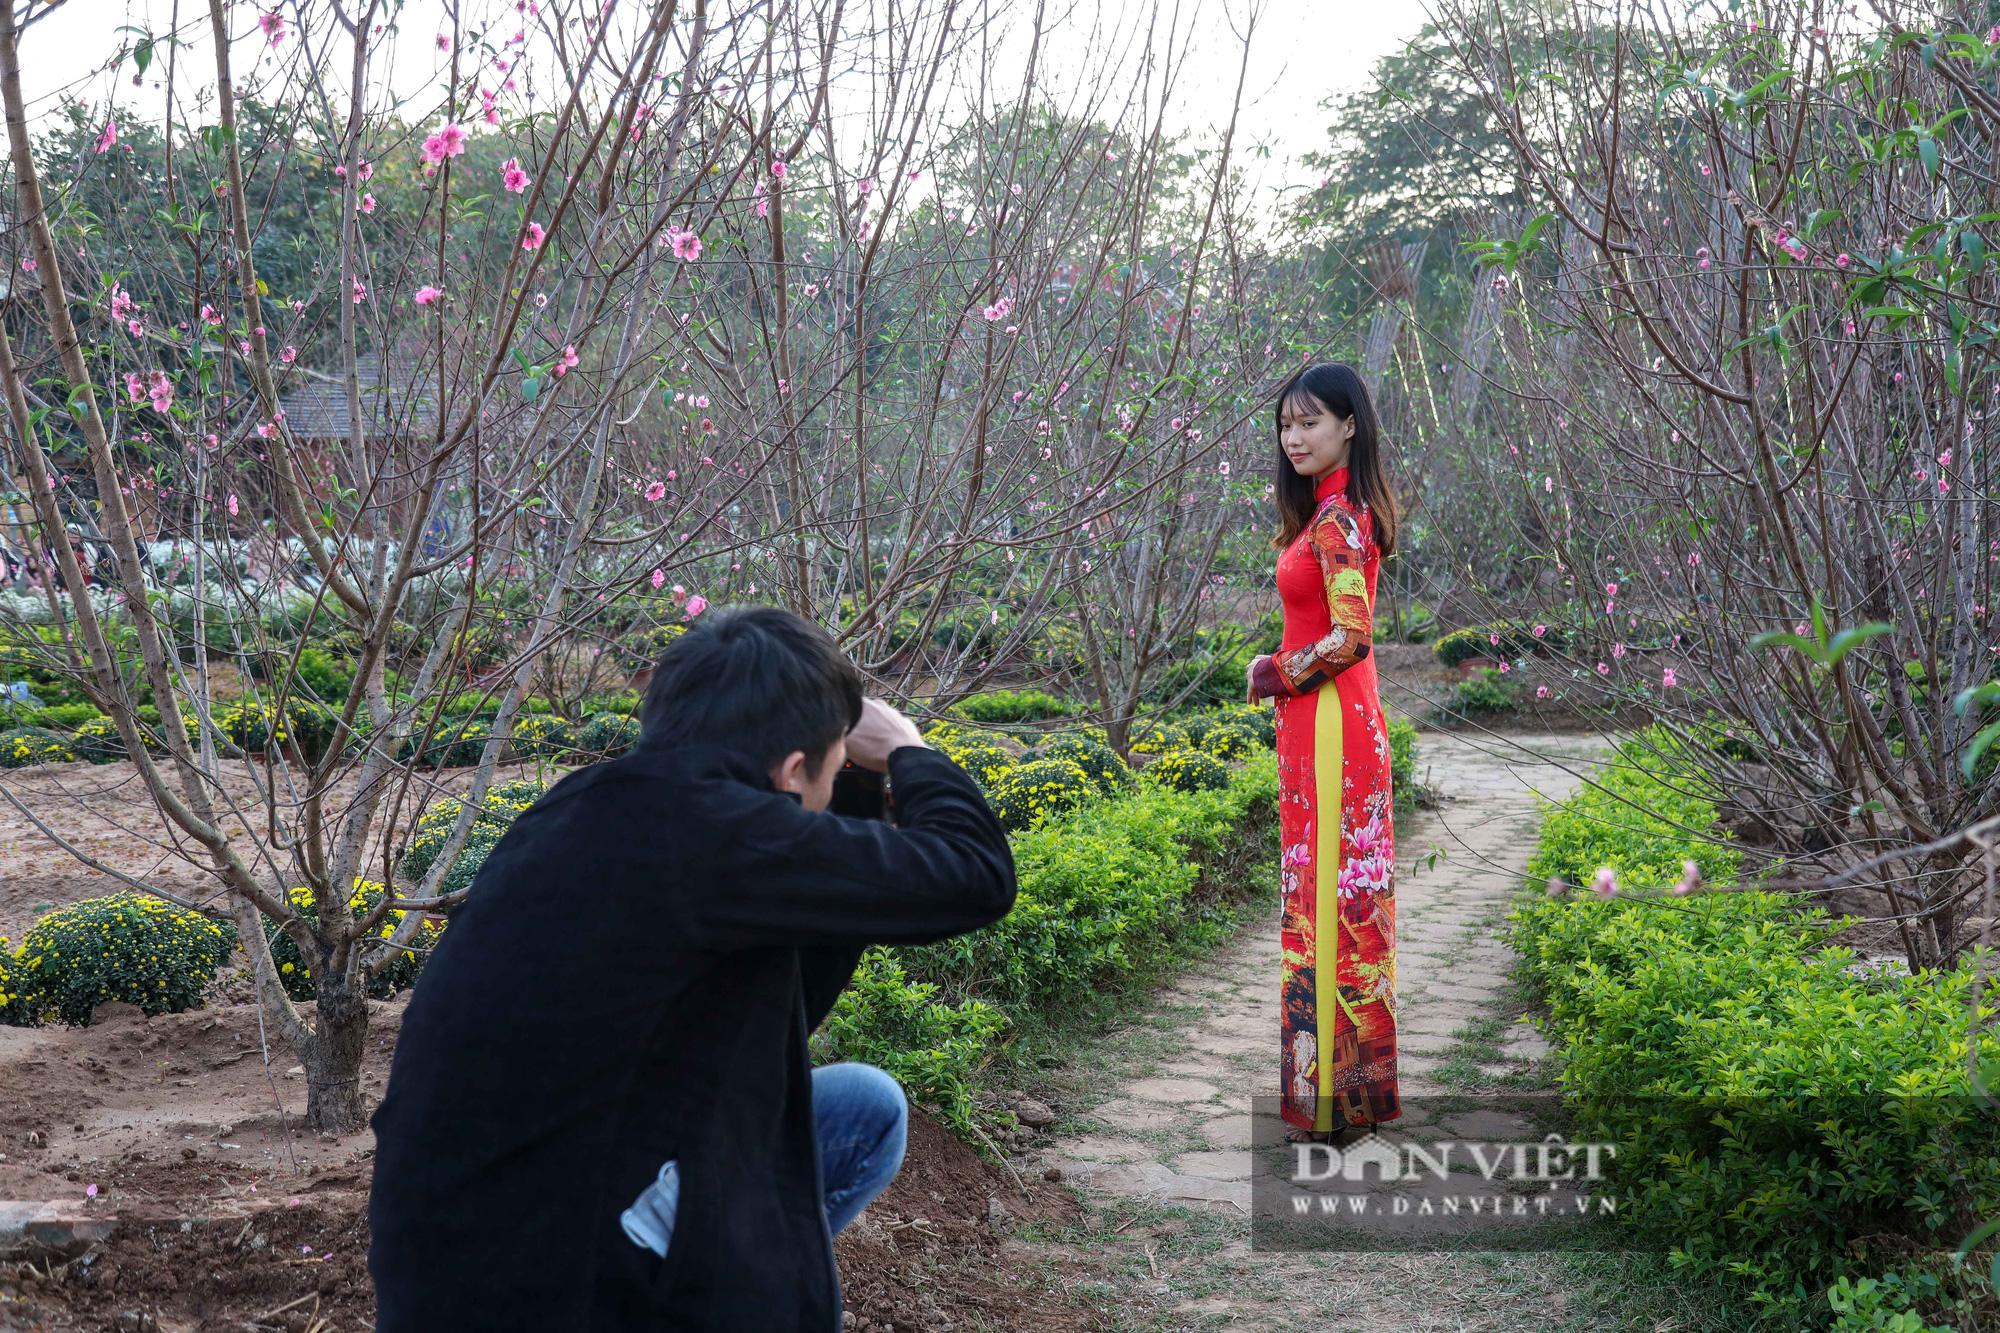 Người Hà Nội nô nức chụp ảnh check-in hoa đào từ Tết Dương lịch - Ảnh 2.